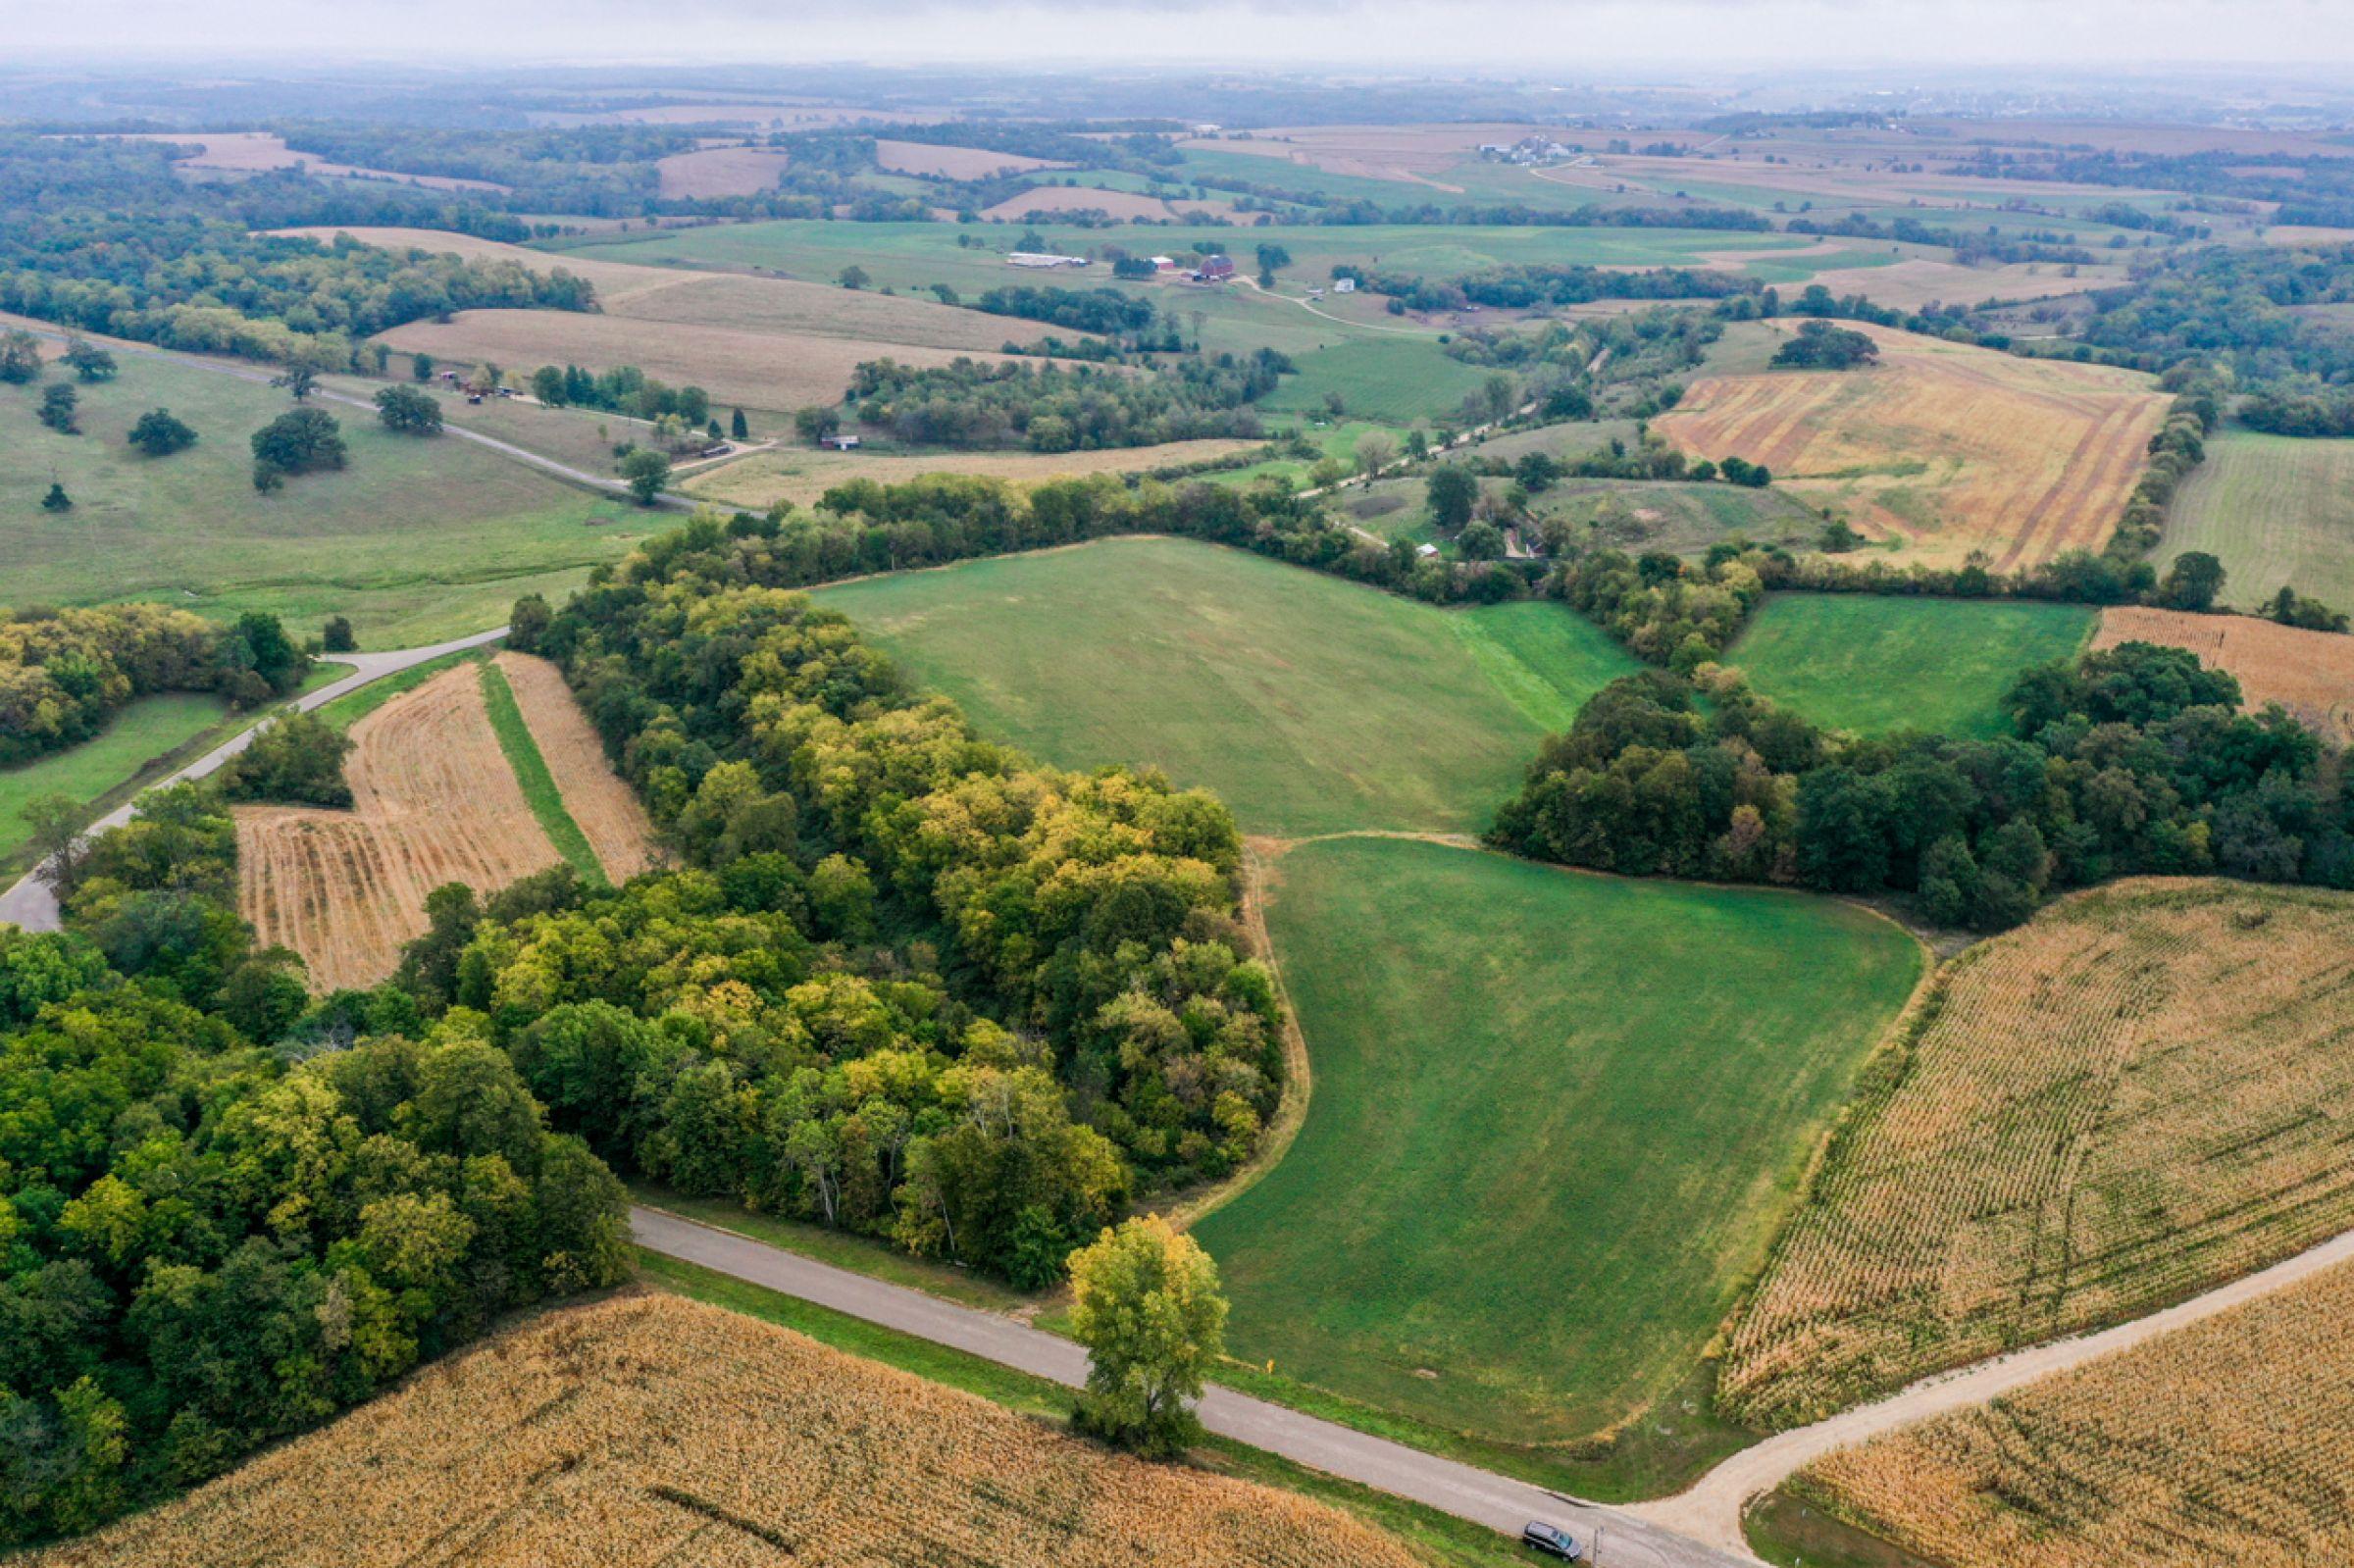 3-3320-apple-grove-church-road-argyle-53504-0-2021-09-21-154626.jpg